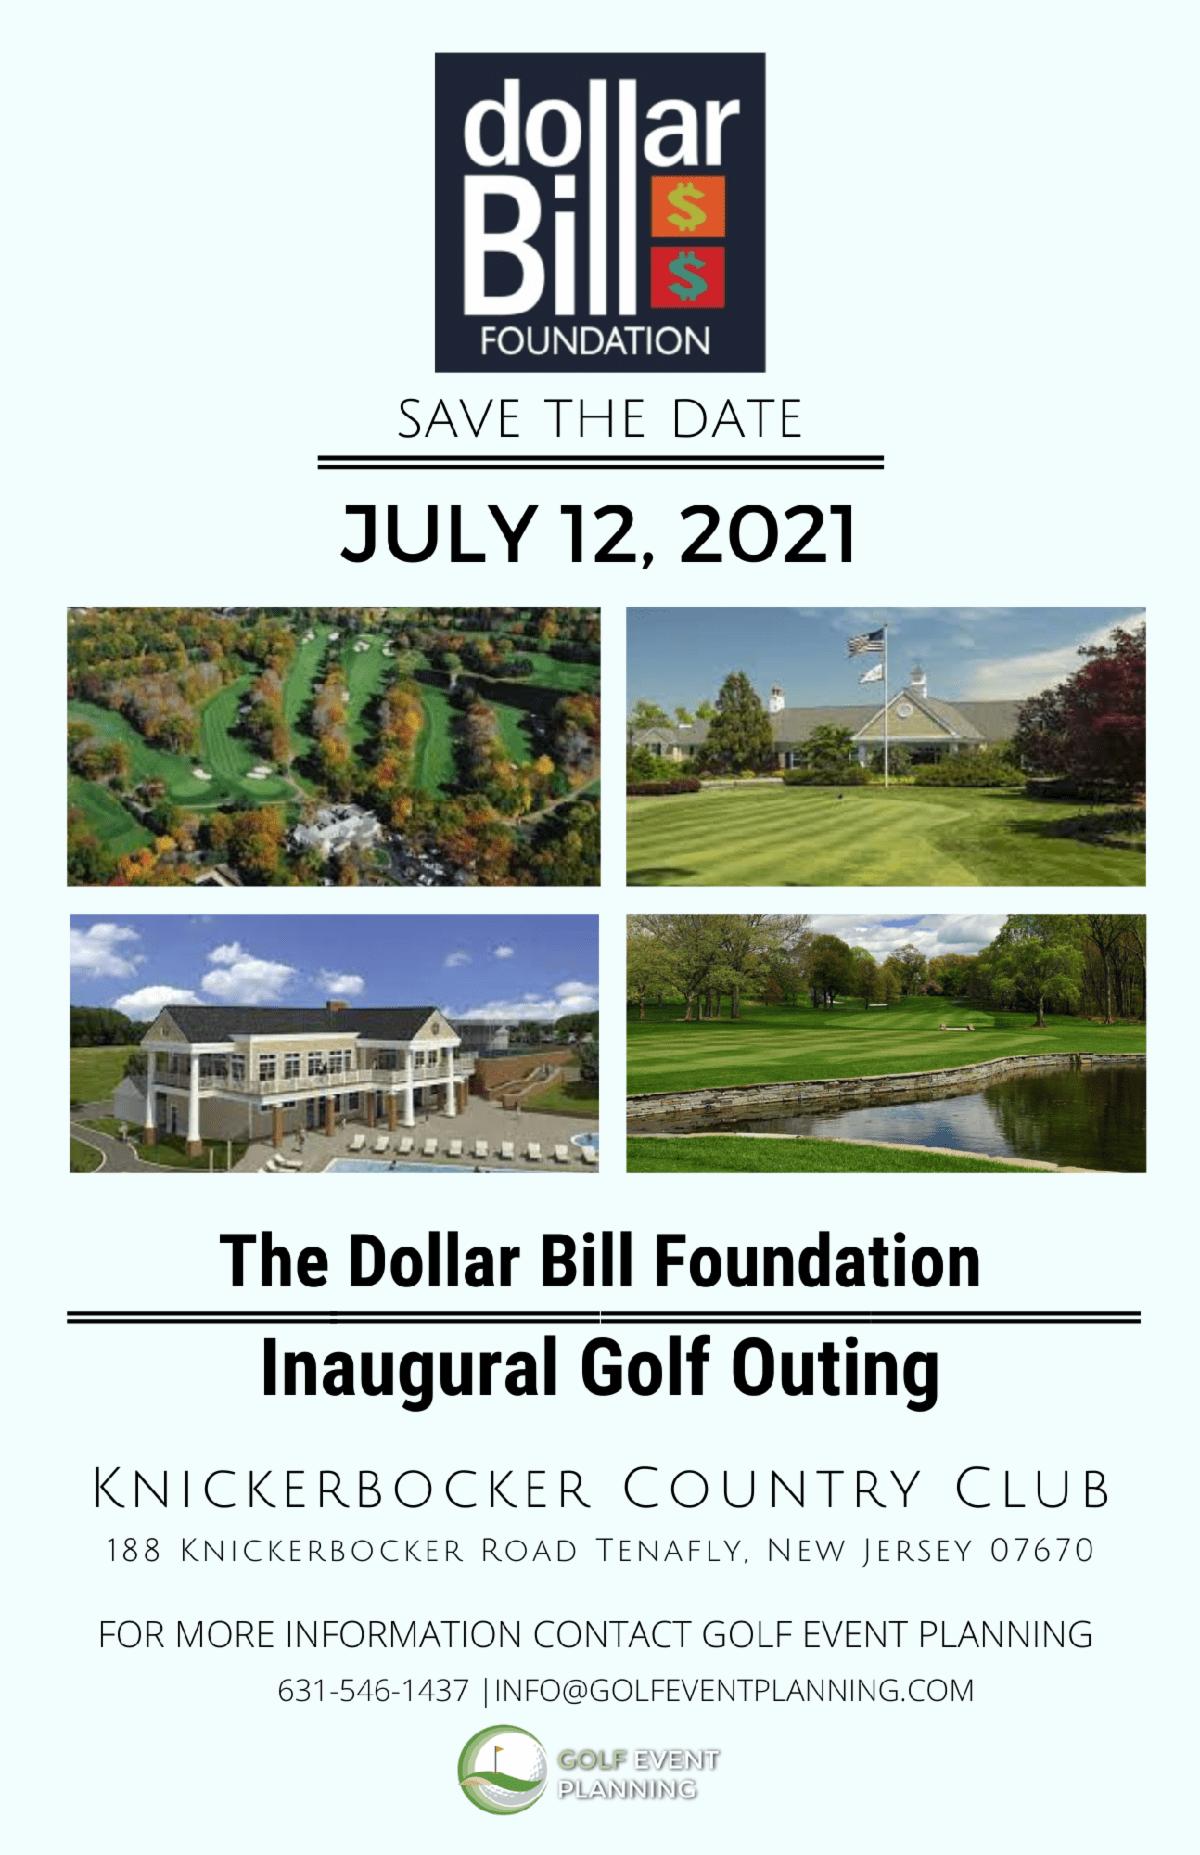 Dollar Bill Foundation Golf Outing 2021